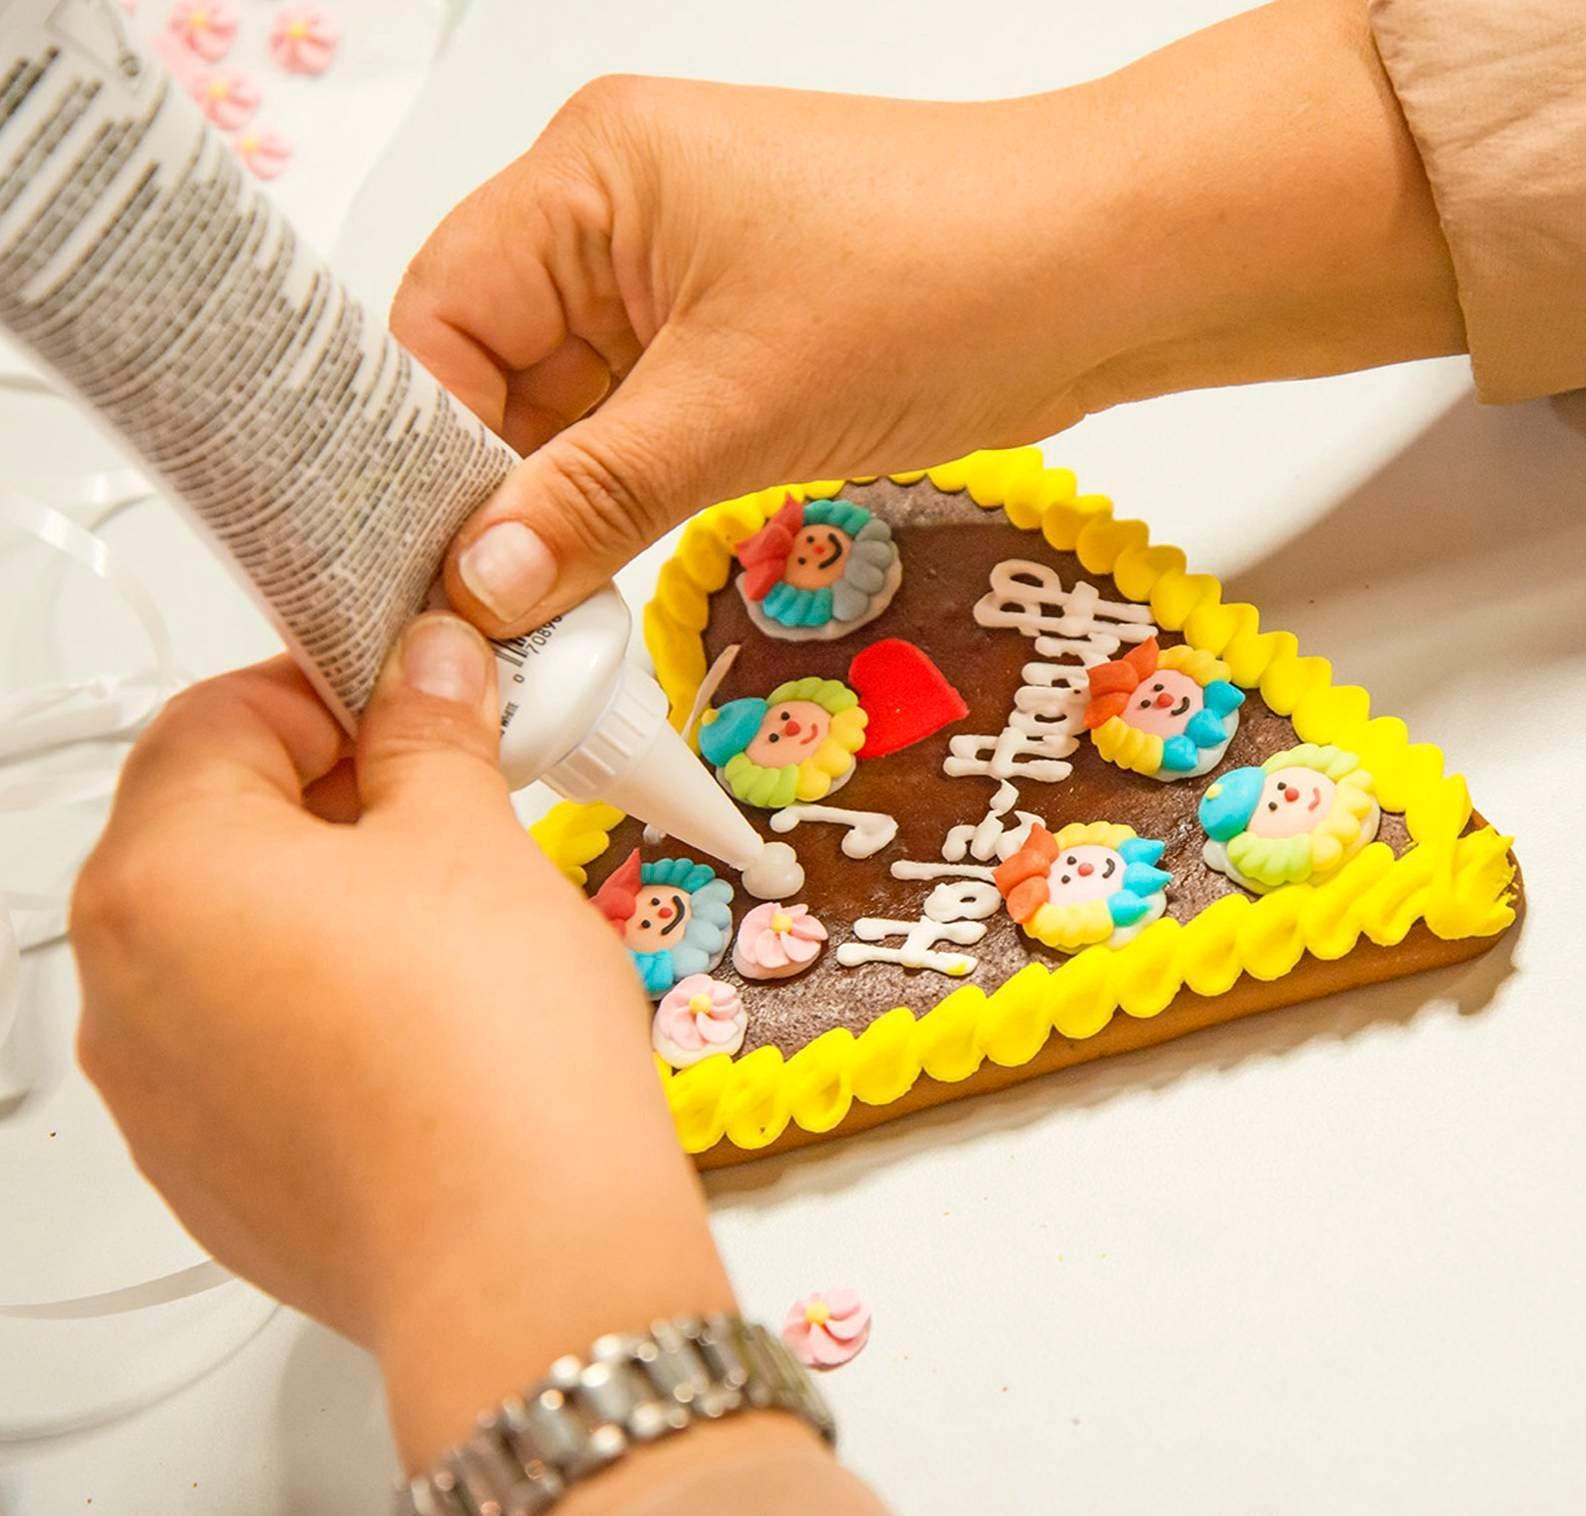 Während sich die Erwachsenen über das reichhaltige Angebot vor Ort informieren, können die Kleinen am Kinderprogramm teilnehmen.